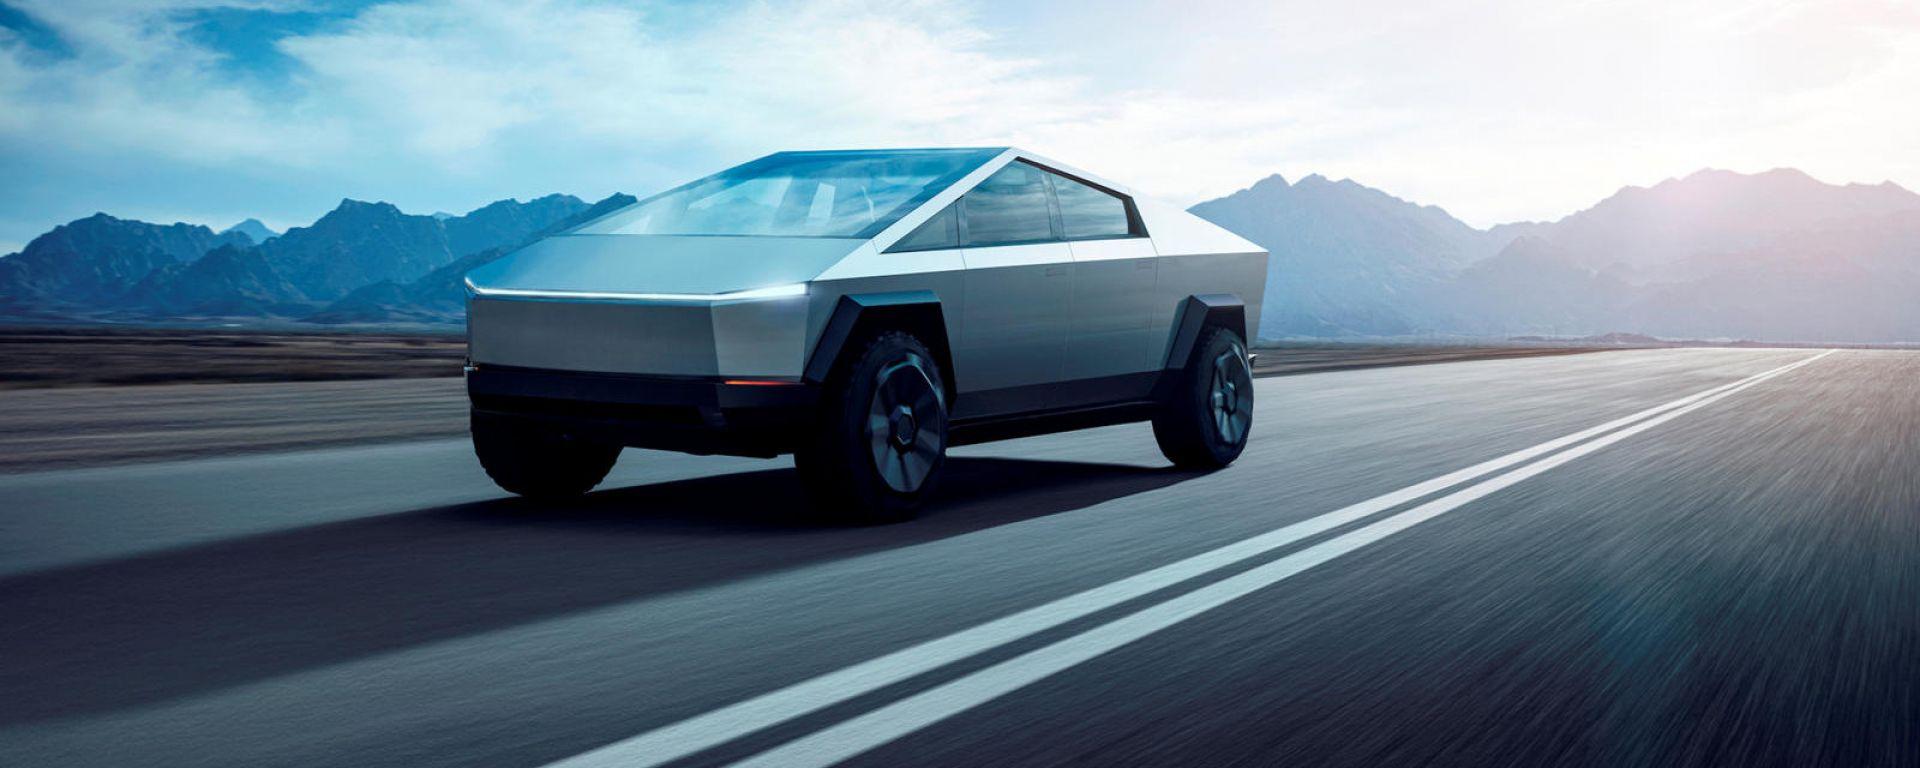 Tesla Cybertruck potrebbe scorrazzare per le strade virtuali di un videogioco?